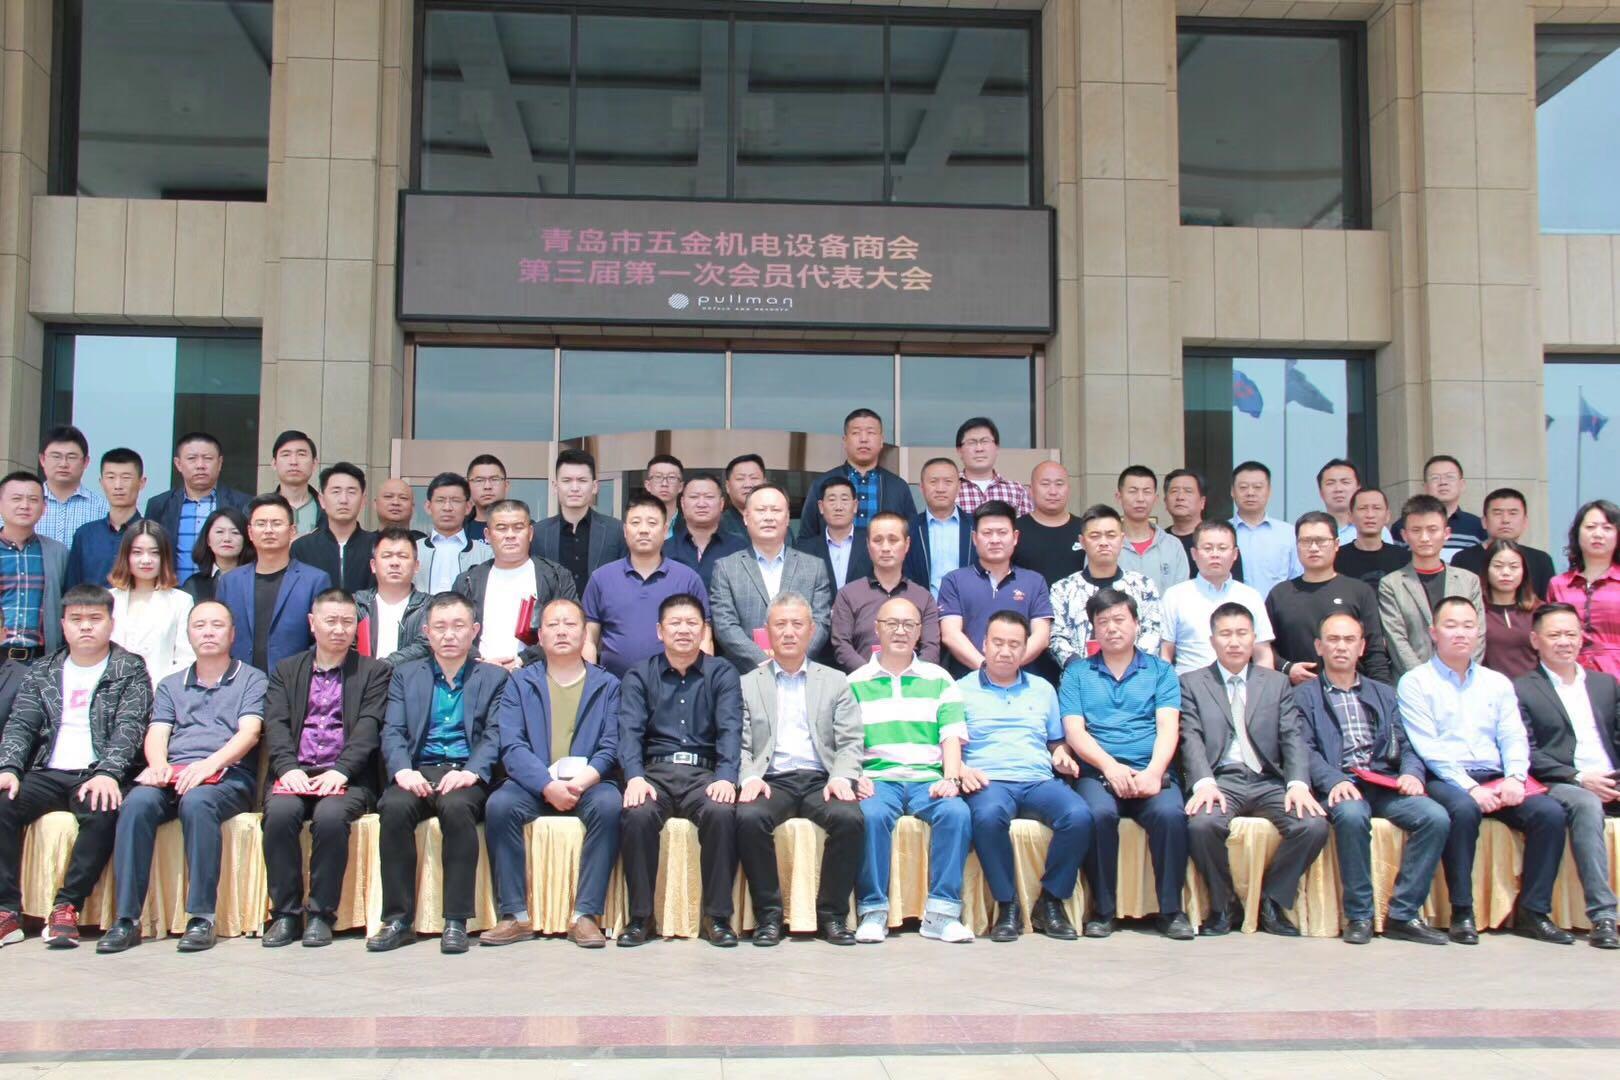 2019年5月11日青岛市火狐体育登录机电设备商会第三届第一次会员代表大会